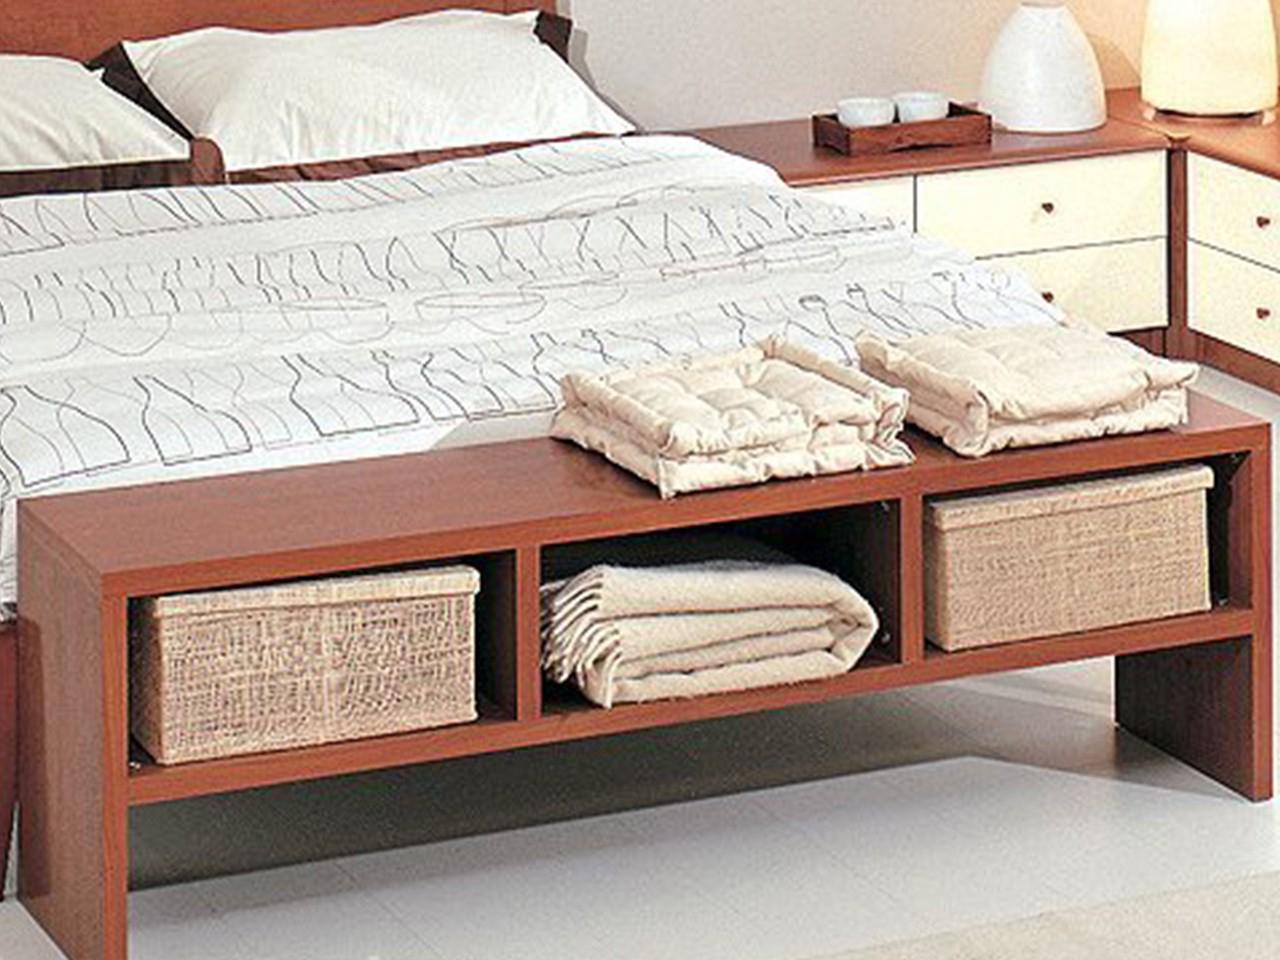 Banco Dormitorio Budm Libreria Dormitorio Banco Pie De Cama Y Muebles Auxiliares Dicoro